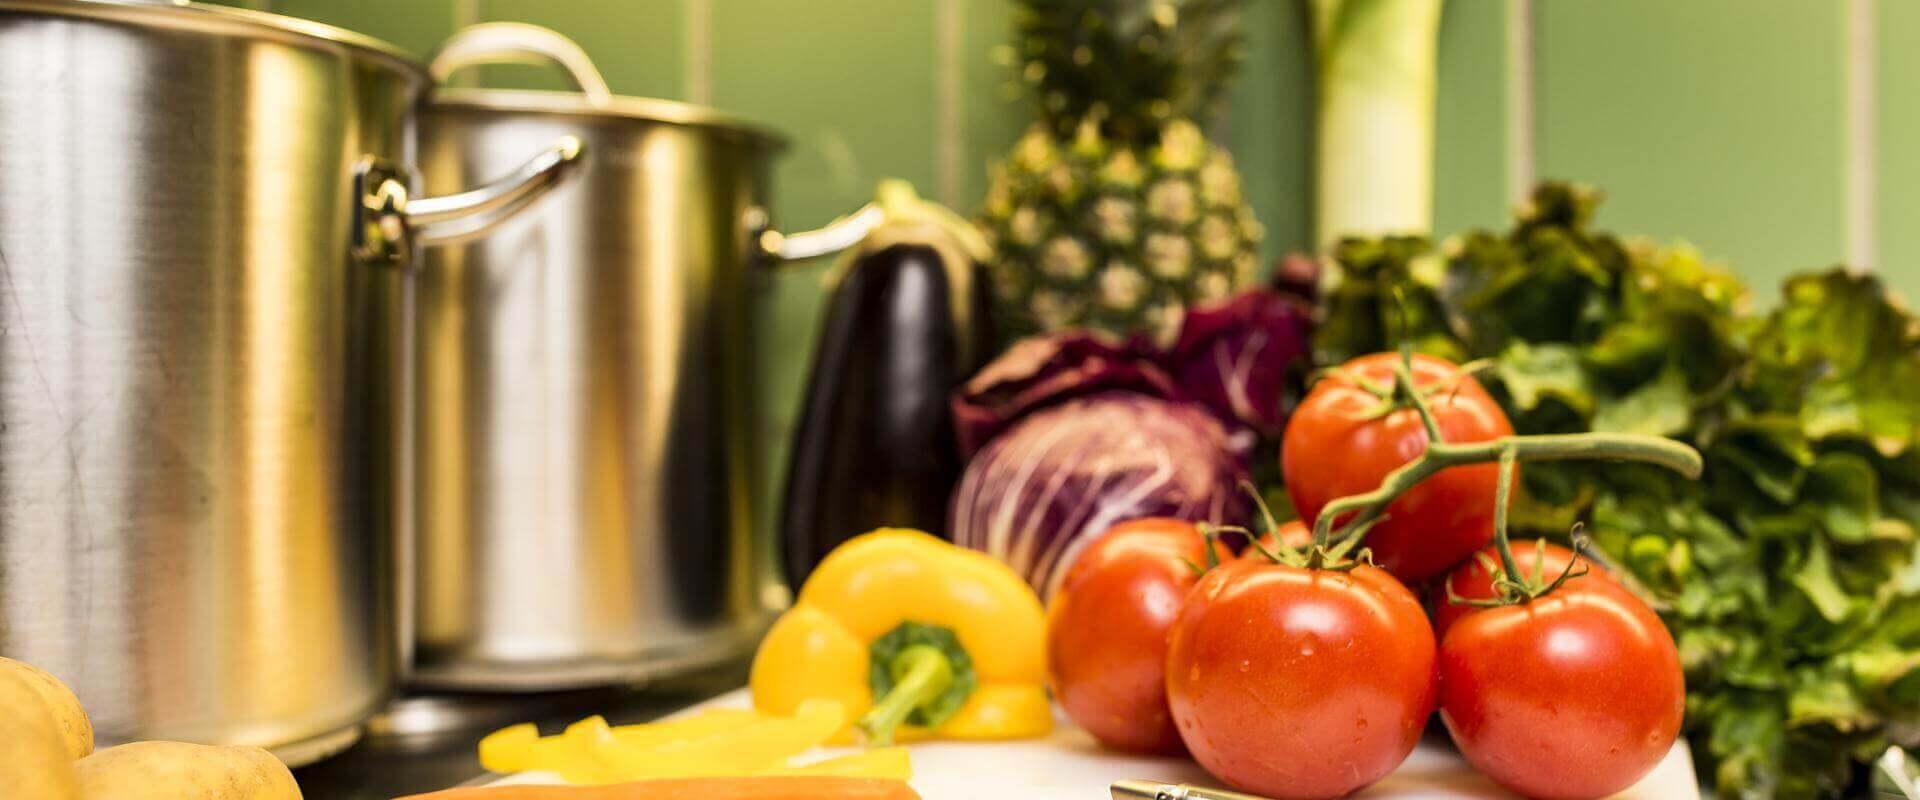 Gemüse in der Küche der MEDIAN Klinik Bad Tennstedt